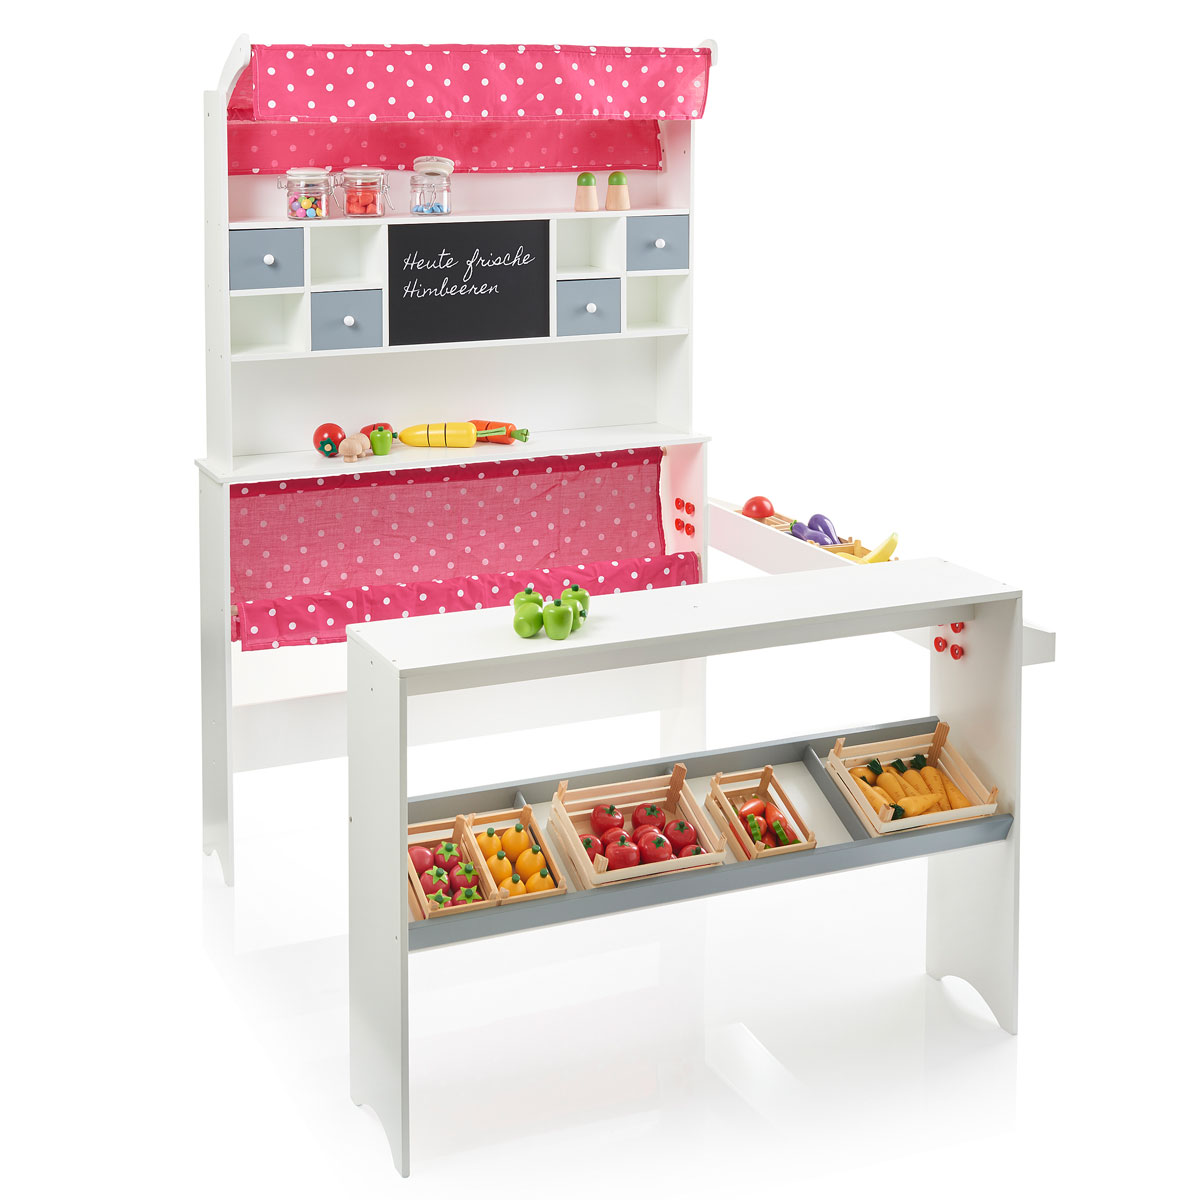 sun kaufladen aus holz mit markise und stoffeinhang 04144 pirum. Black Bedroom Furniture Sets. Home Design Ideas